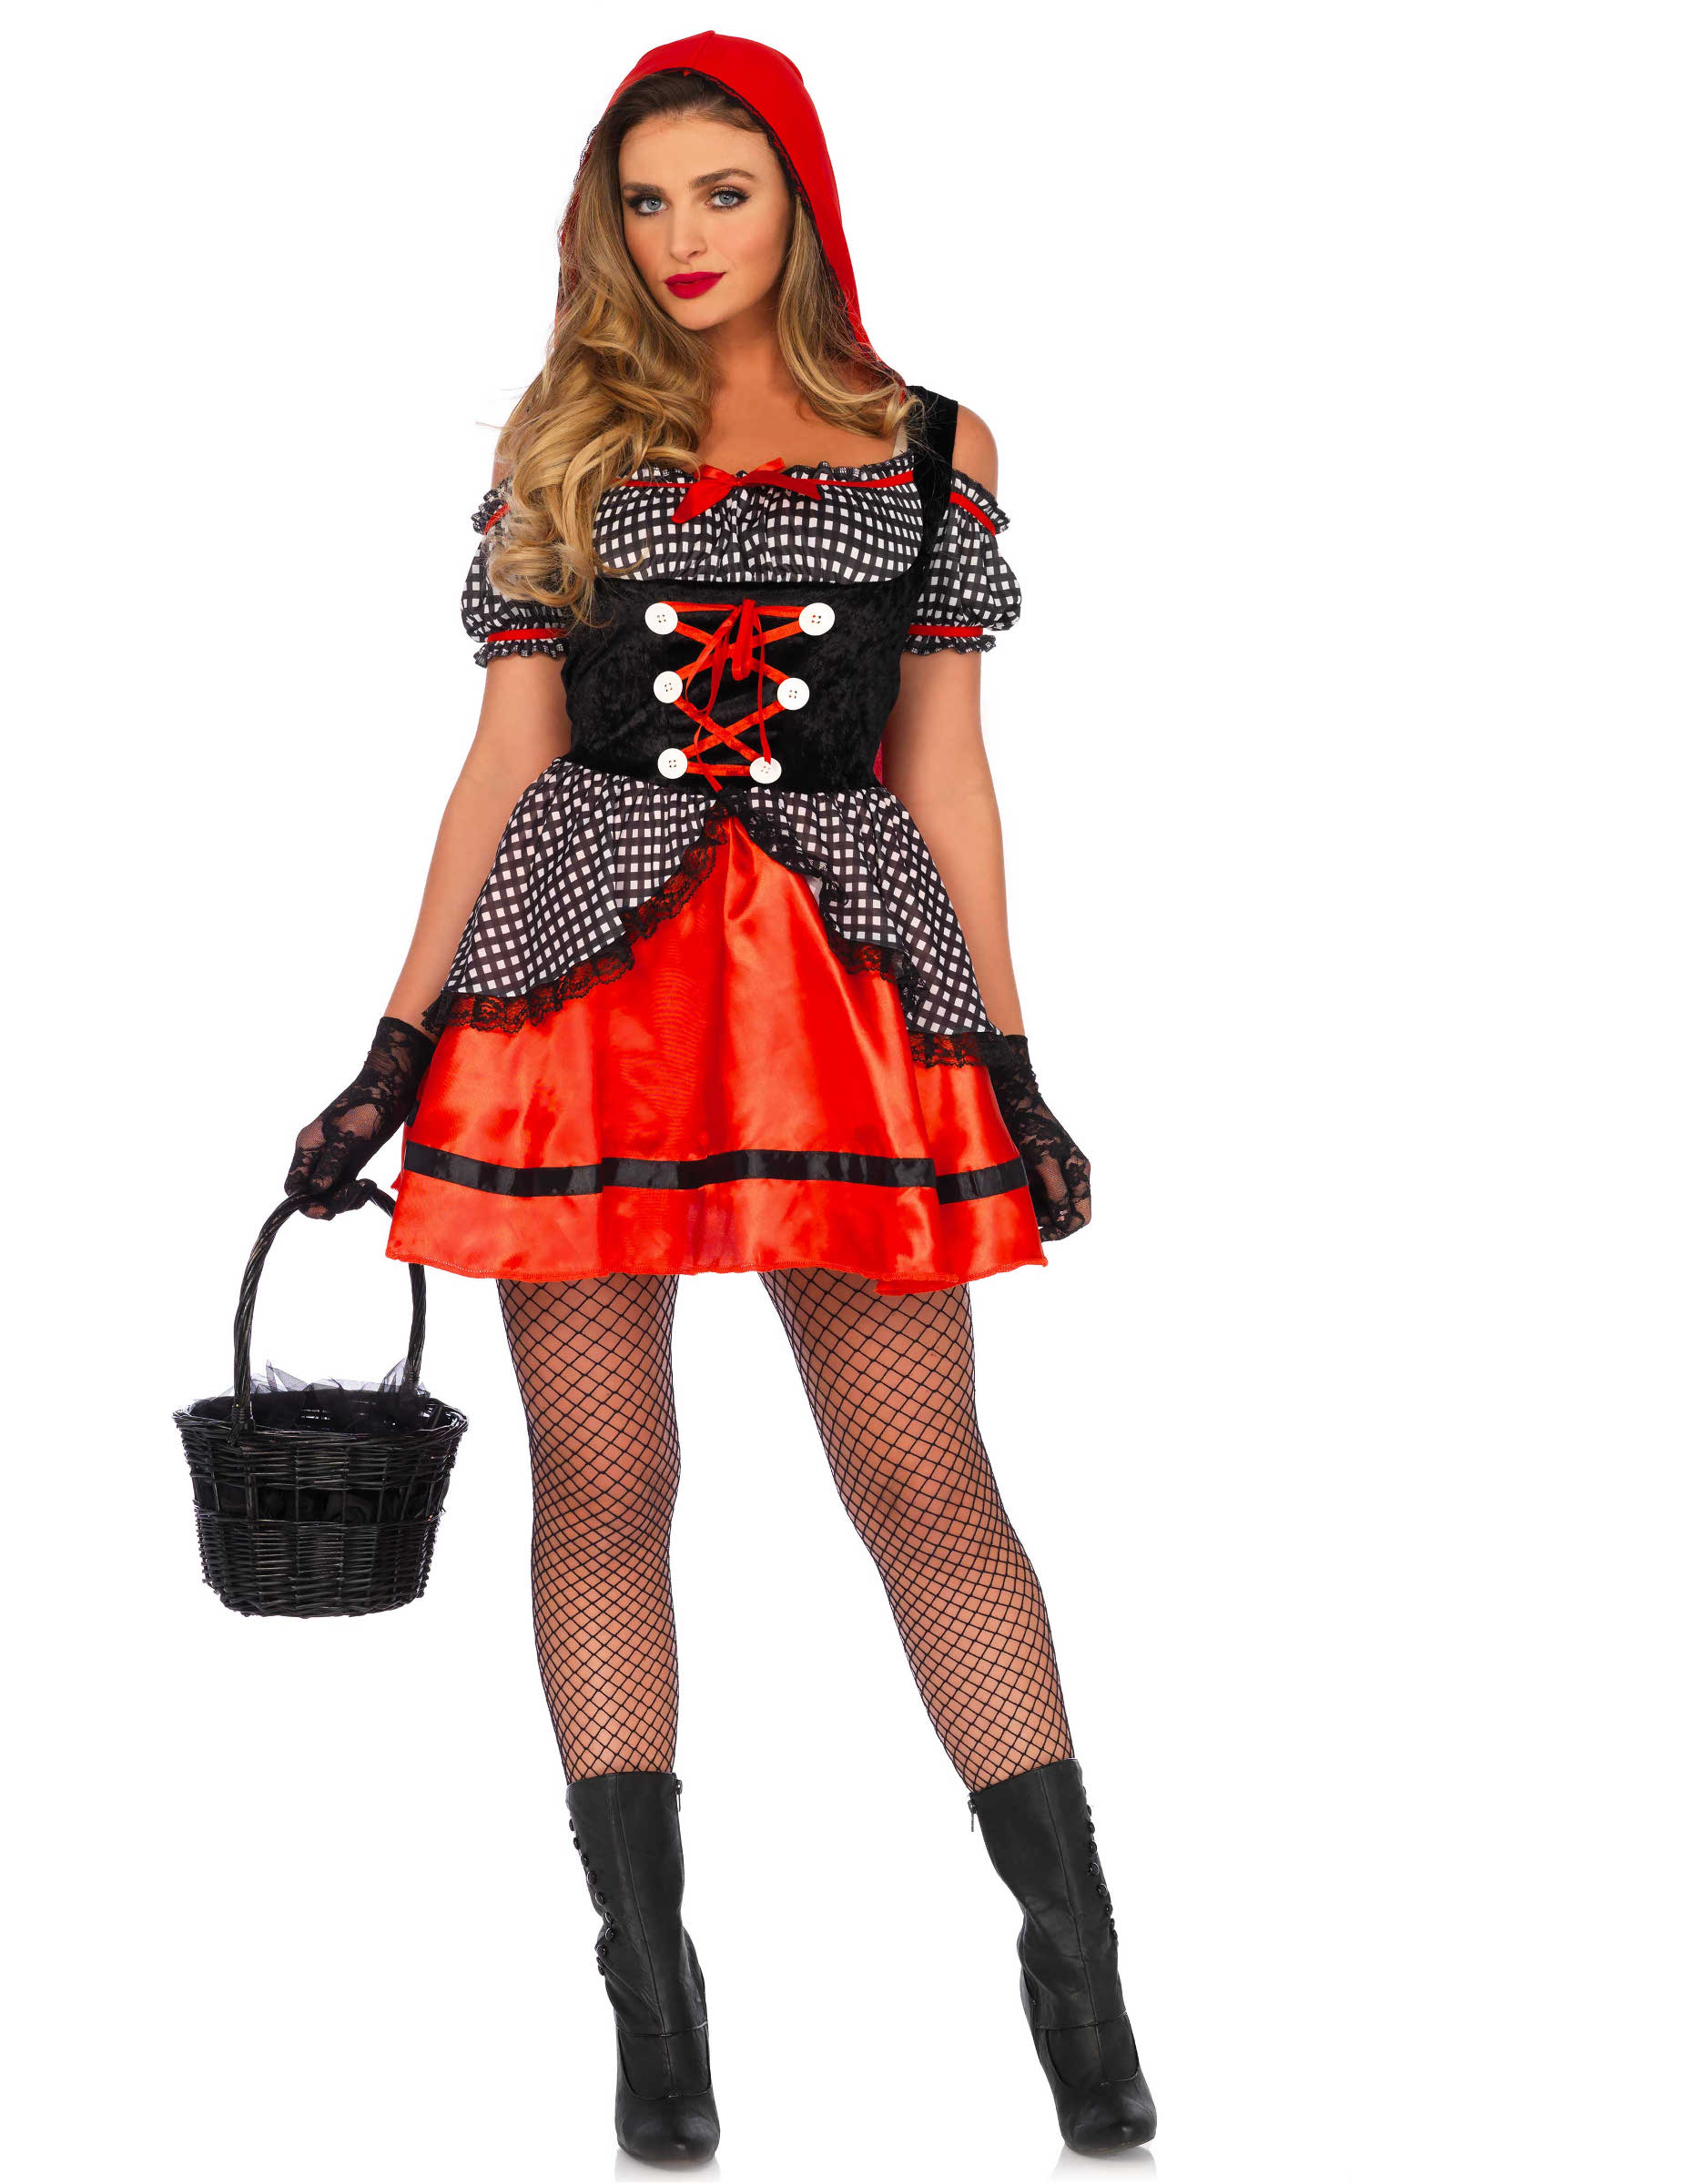 f09b7c40b85d Kostume fræk rødhætte til kvinder